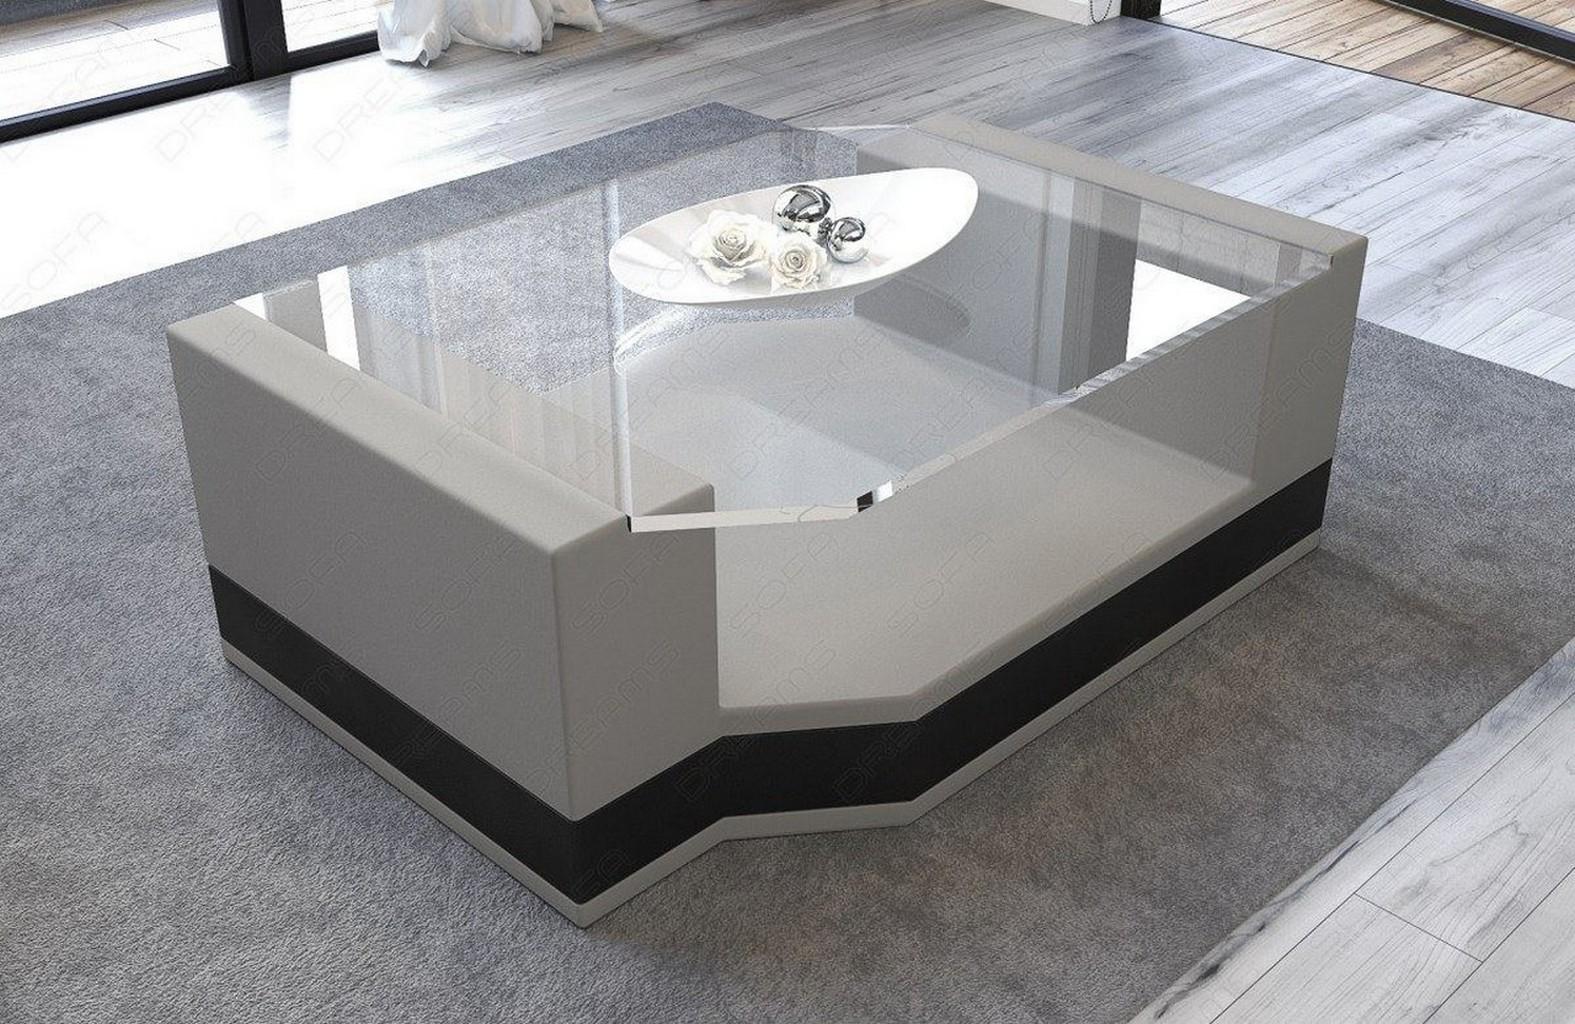 couchtisch wohnzimmertisch messana stoff leder mix beistelltisch esstisch farben ebay. Black Bedroom Furniture Sets. Home Design Ideas